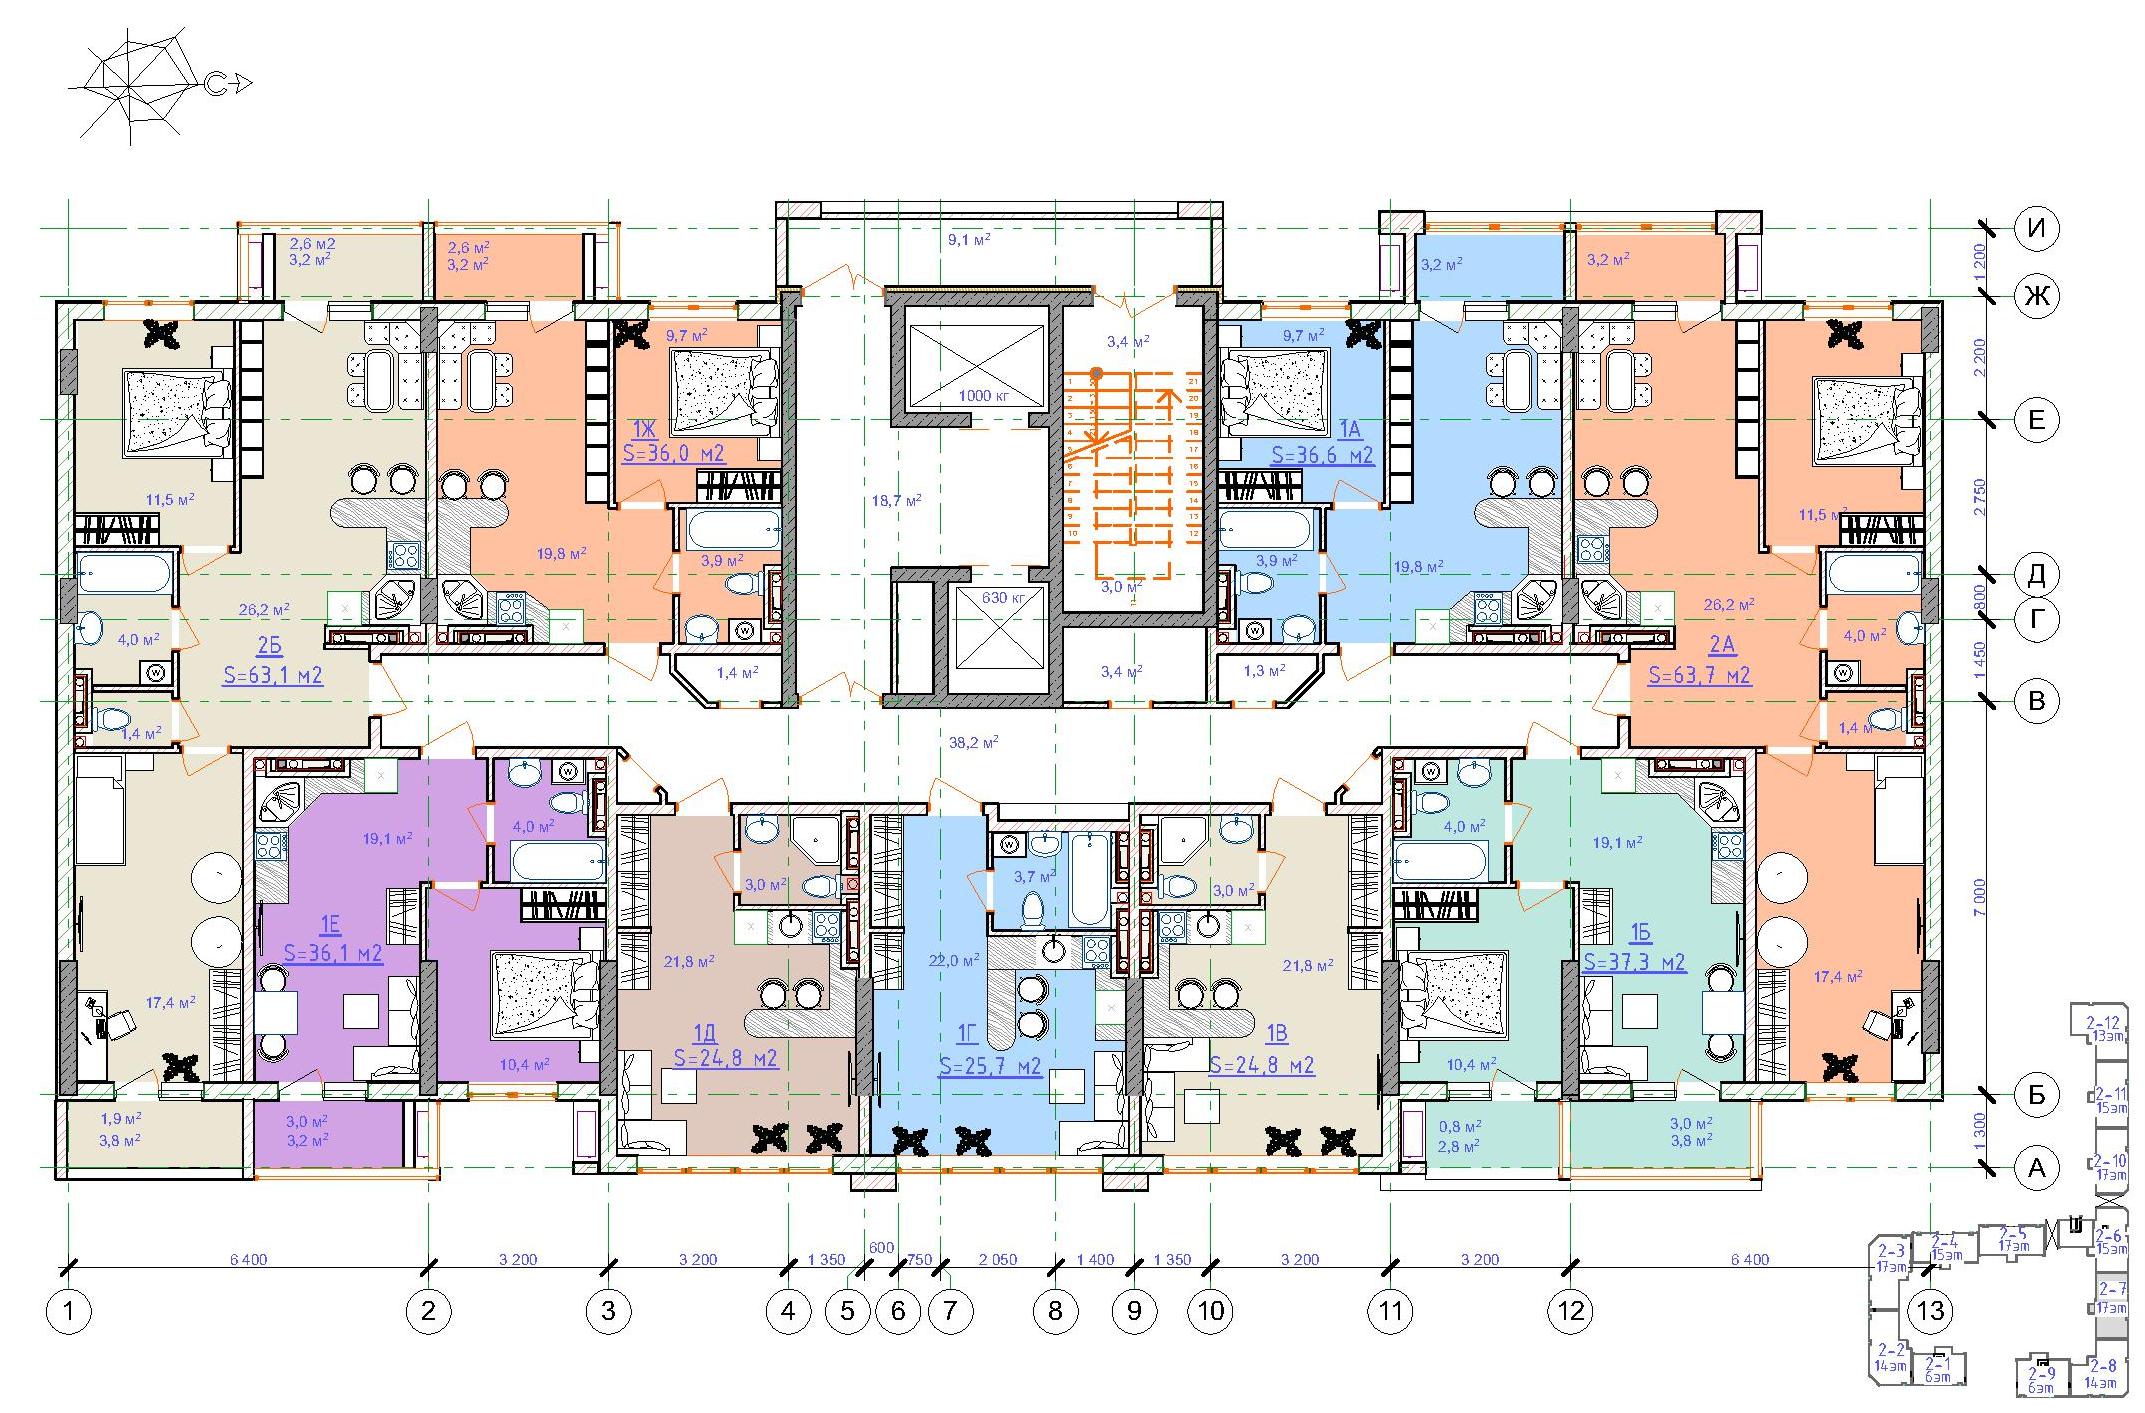 ЖК Таировские сады / Дом №2 / Секция 7 / План 12 этажа